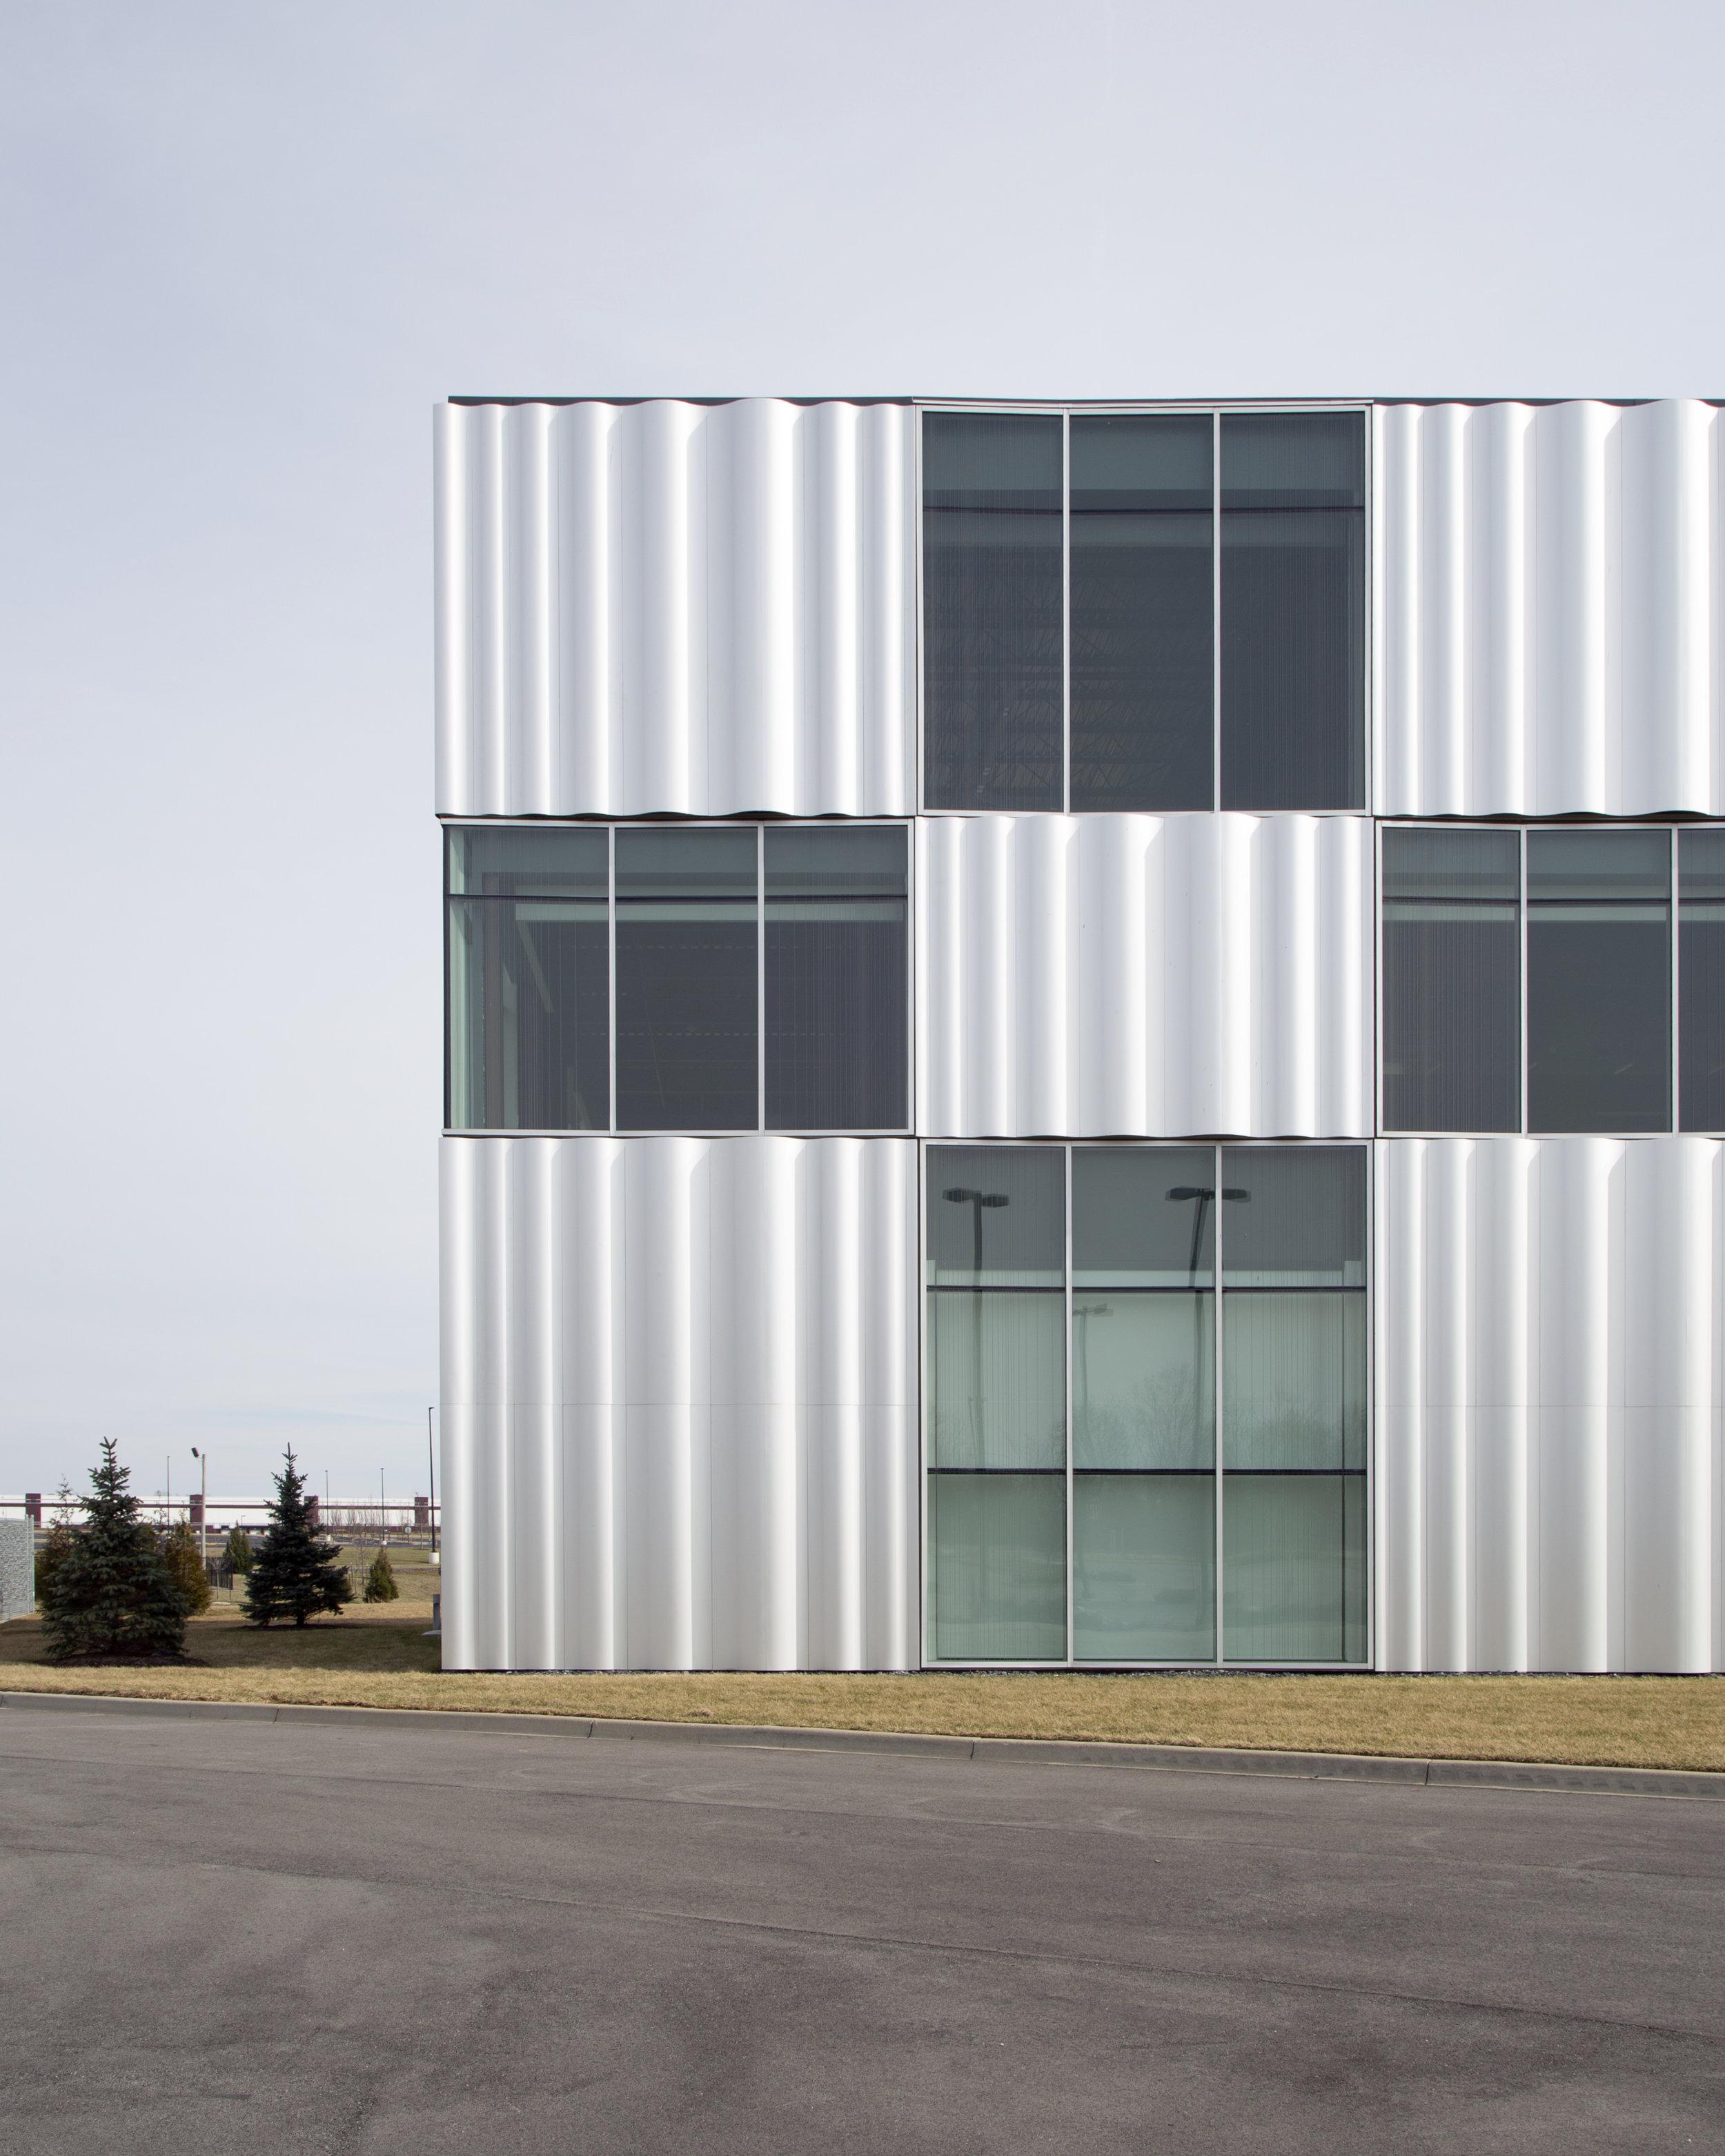 hq_facade copy.jpg